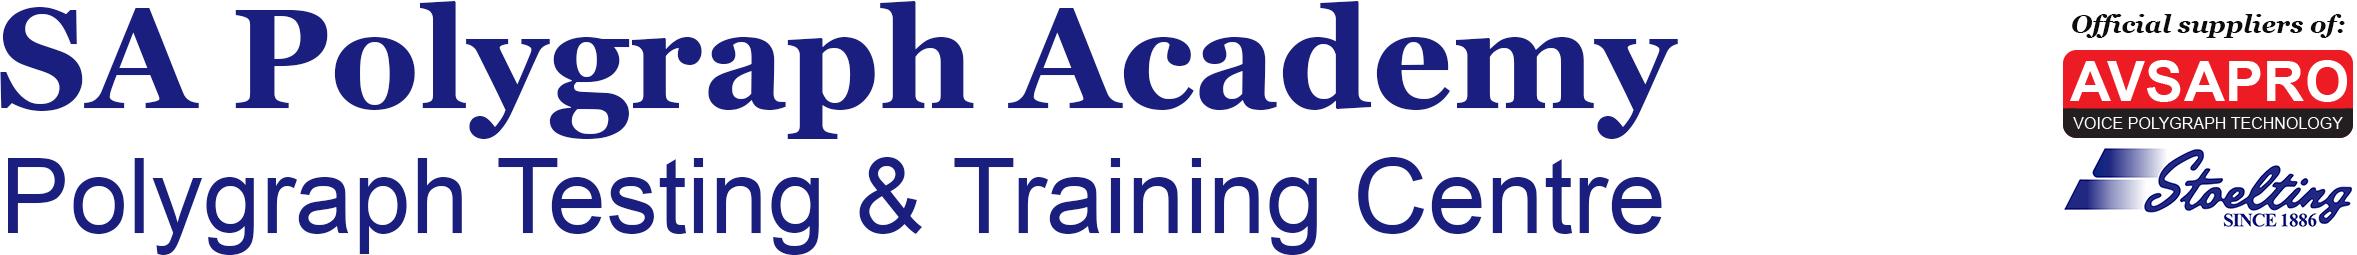 SA Polygraph Academy